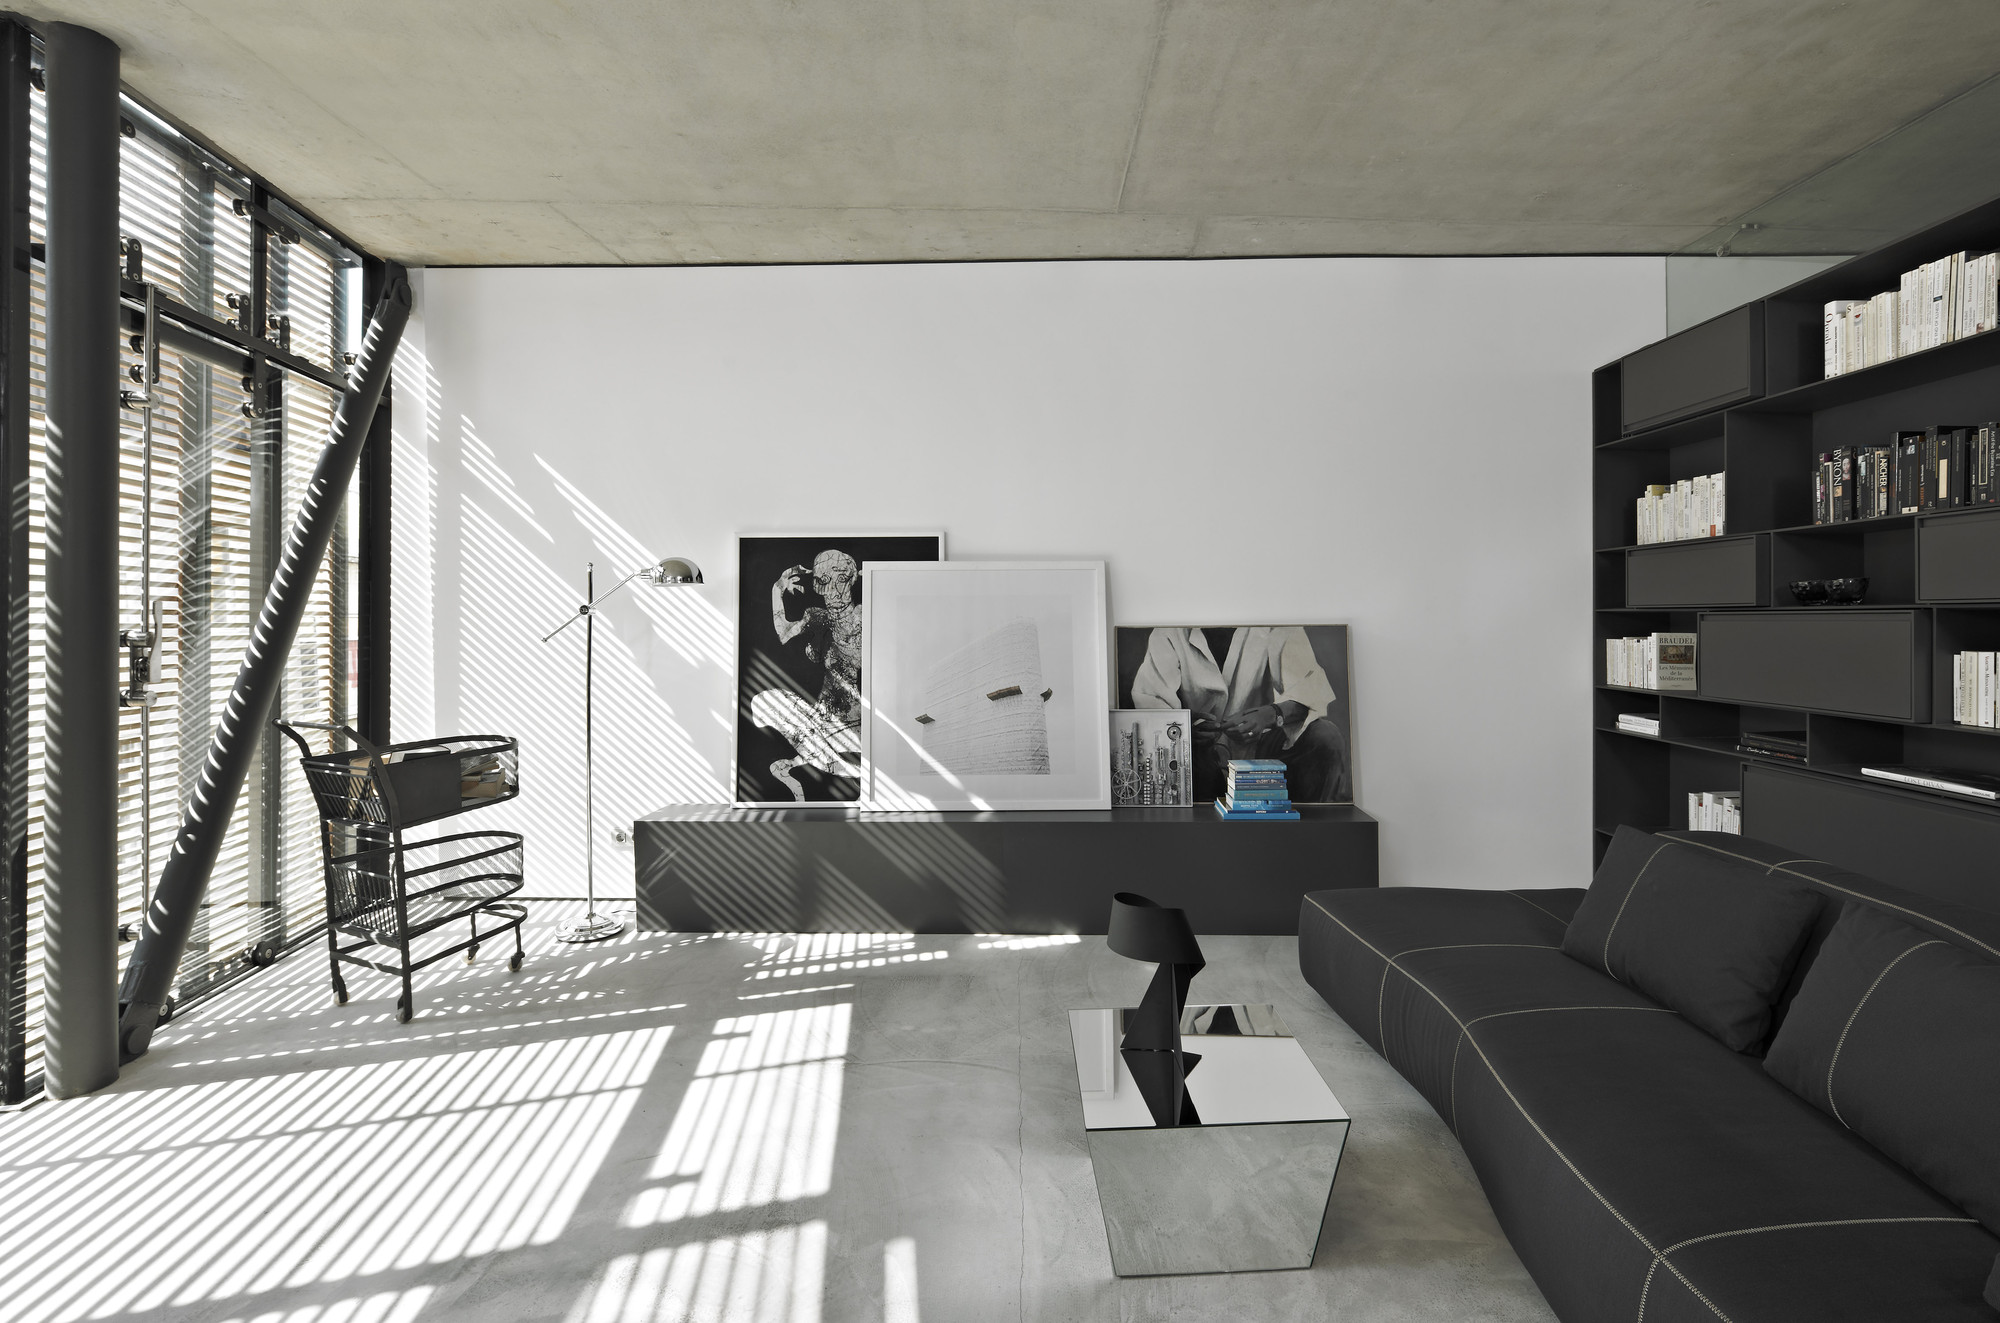 Galer a de pera 25 alata architecture consulting 23 for Diseno de interiores siglo xxi